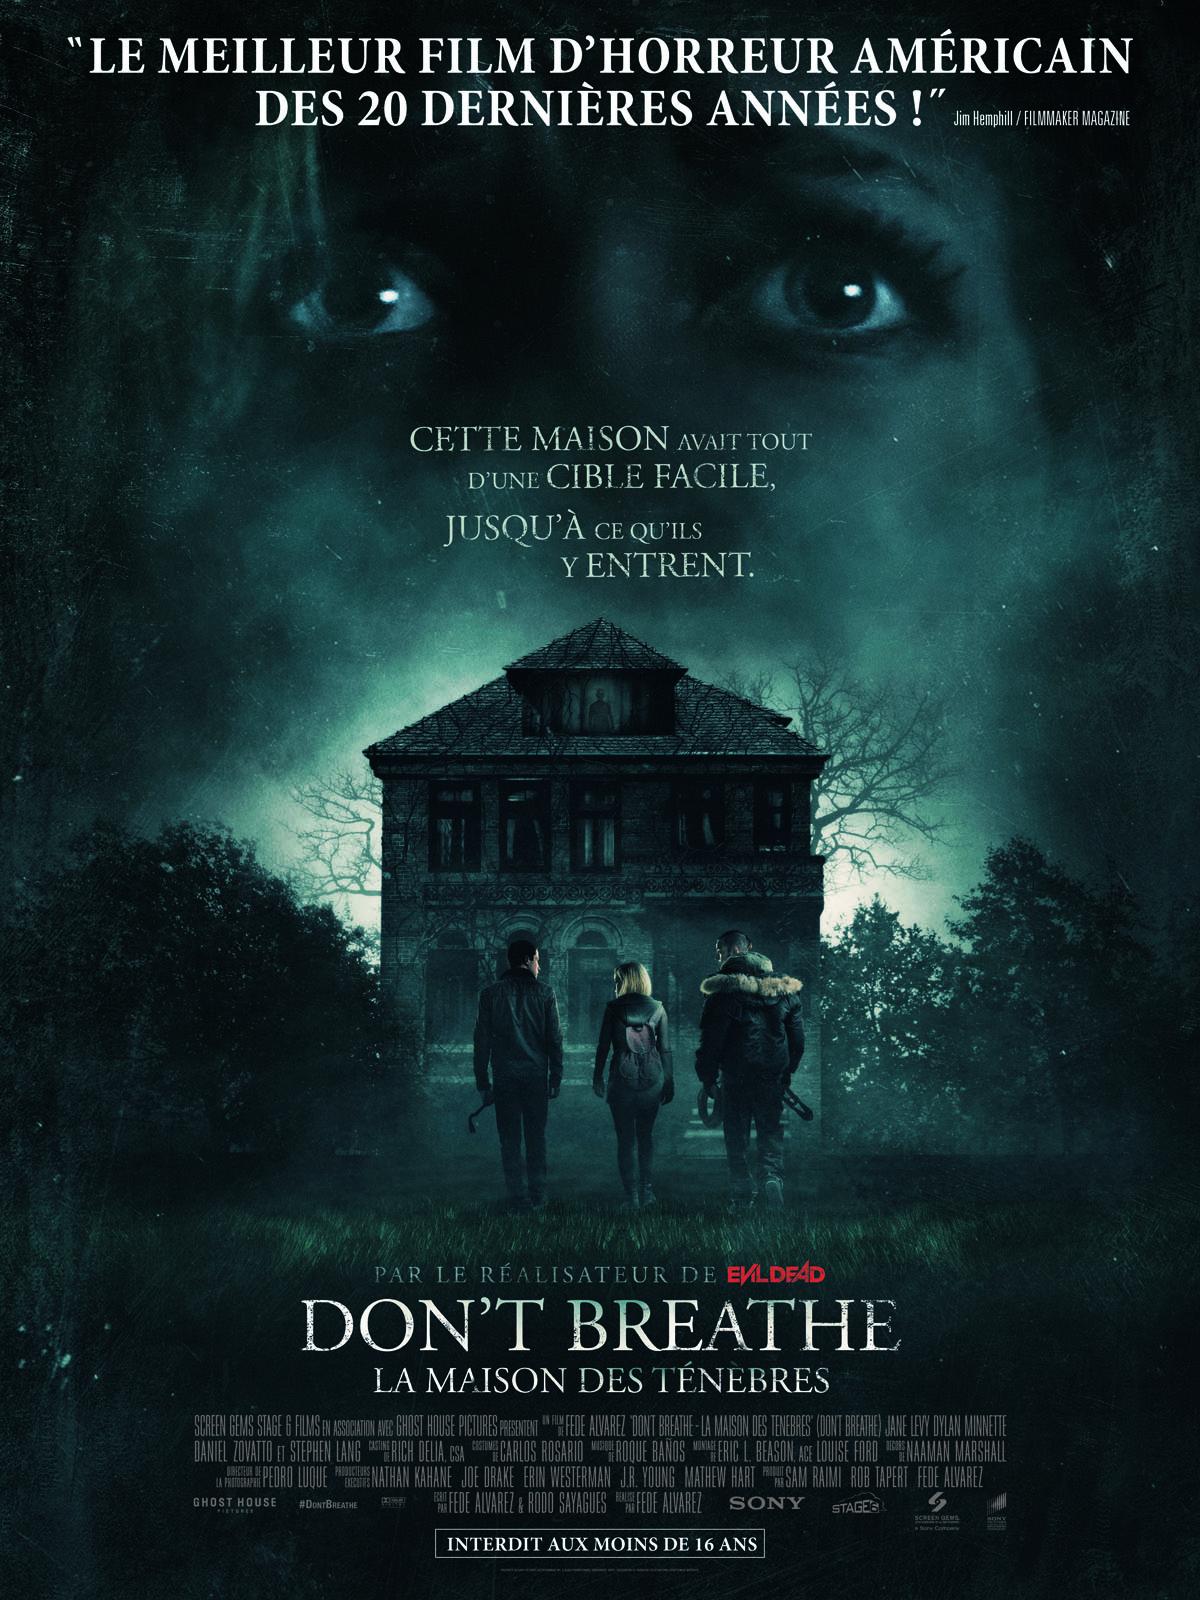 Don't Breathe La maison des ténèbres